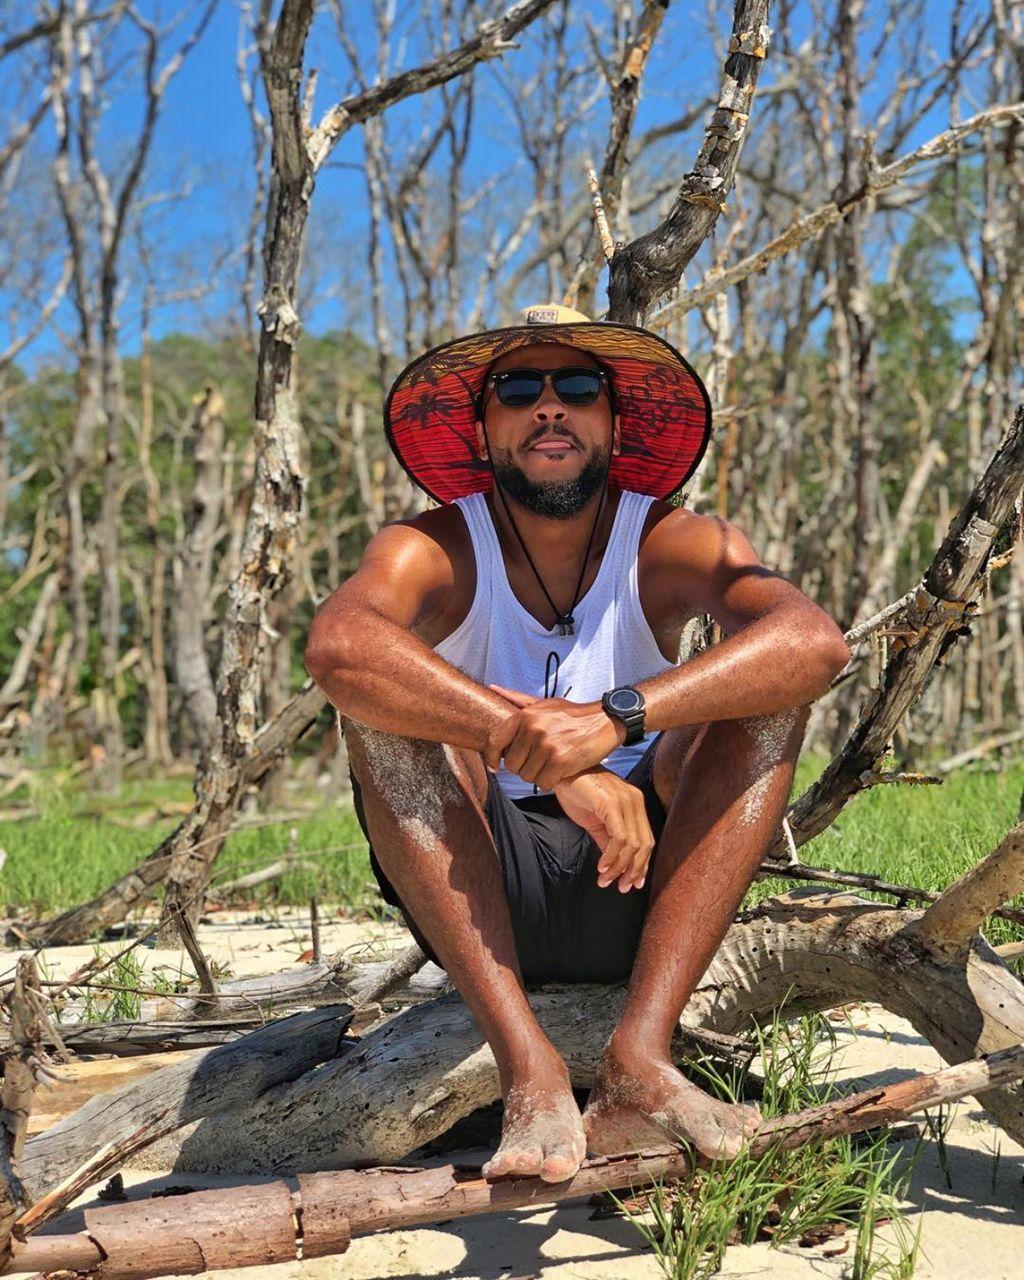 8dcb05ac0c6db O chapéu de palha é indicado para se usar no litoral com roupas típicas de  verão